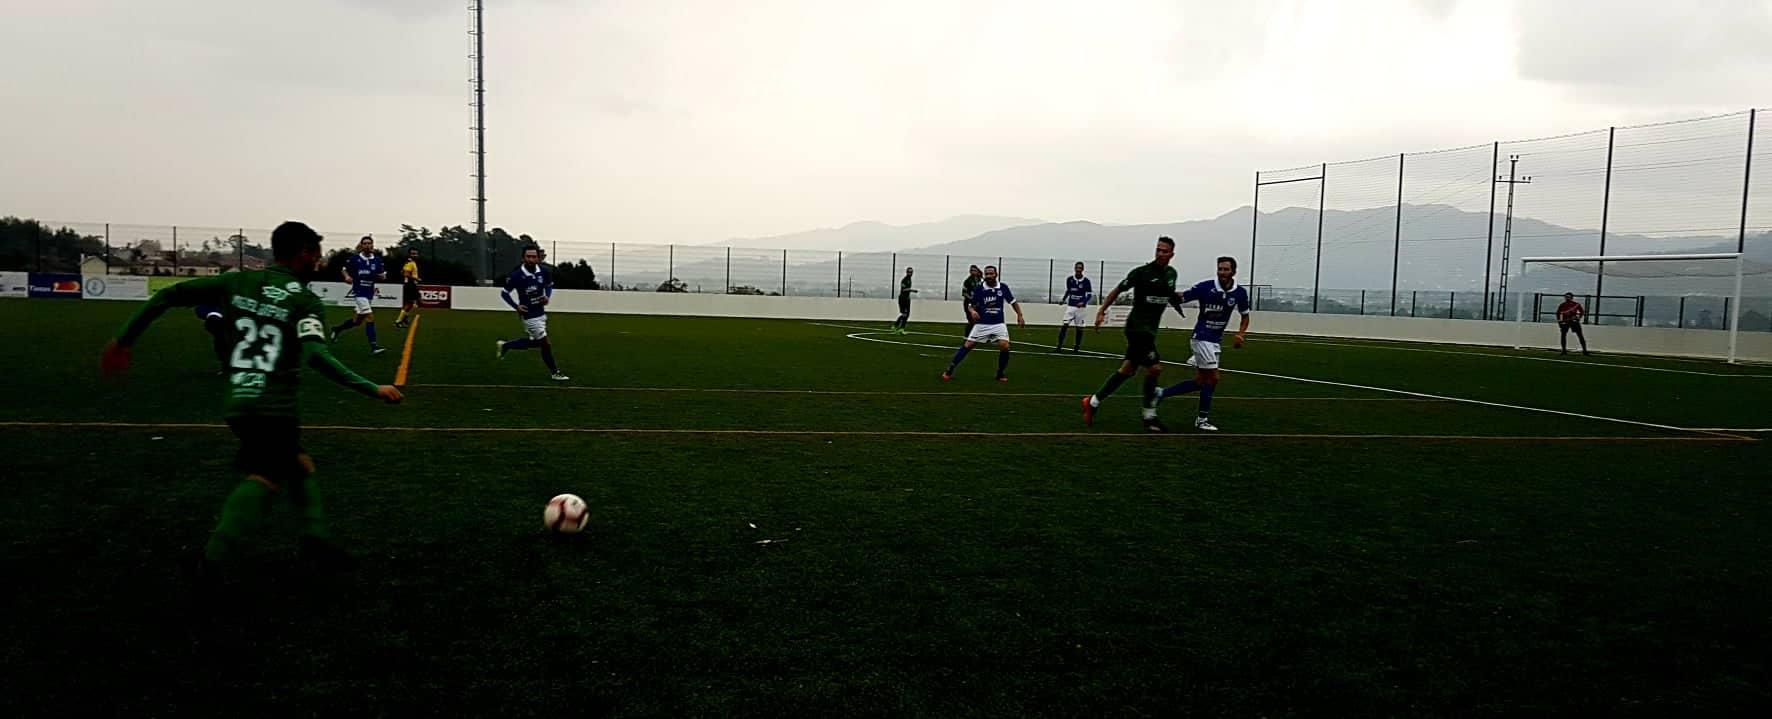 Futebol distrital: Empates de Vianense e Ponte da Barca deixam tudo na mesma na frente do campeonato